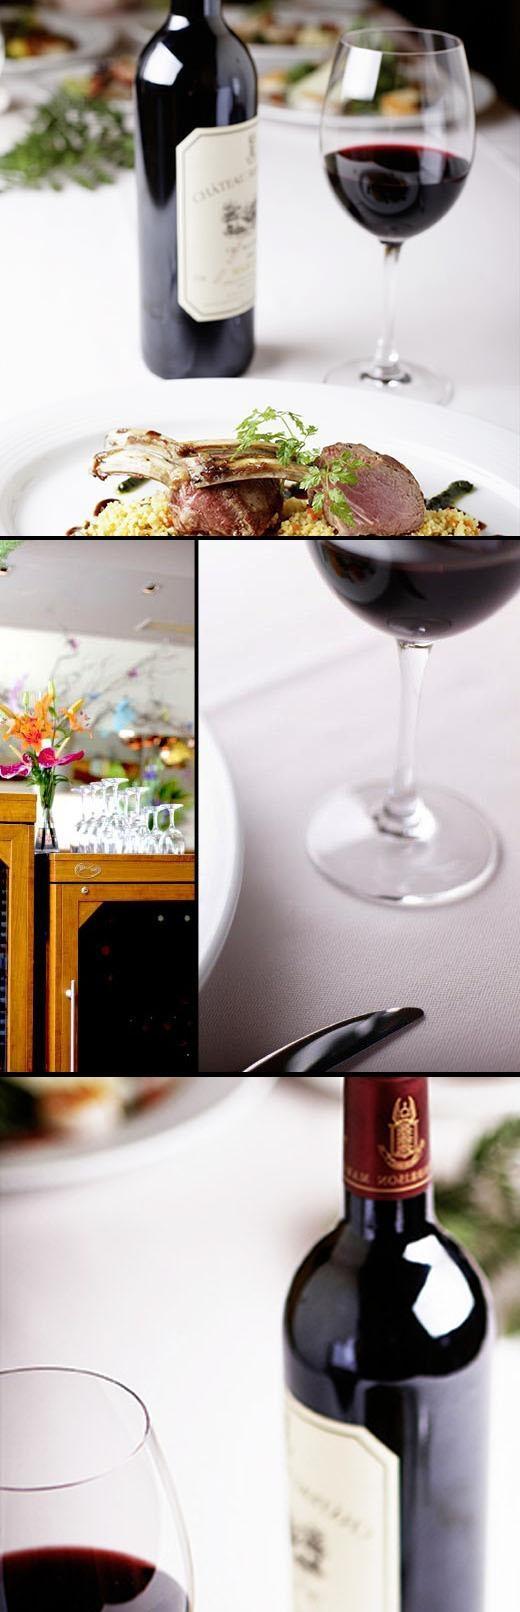 H&A Köln - Getränke in unserem Restaurant und an unserer Bar